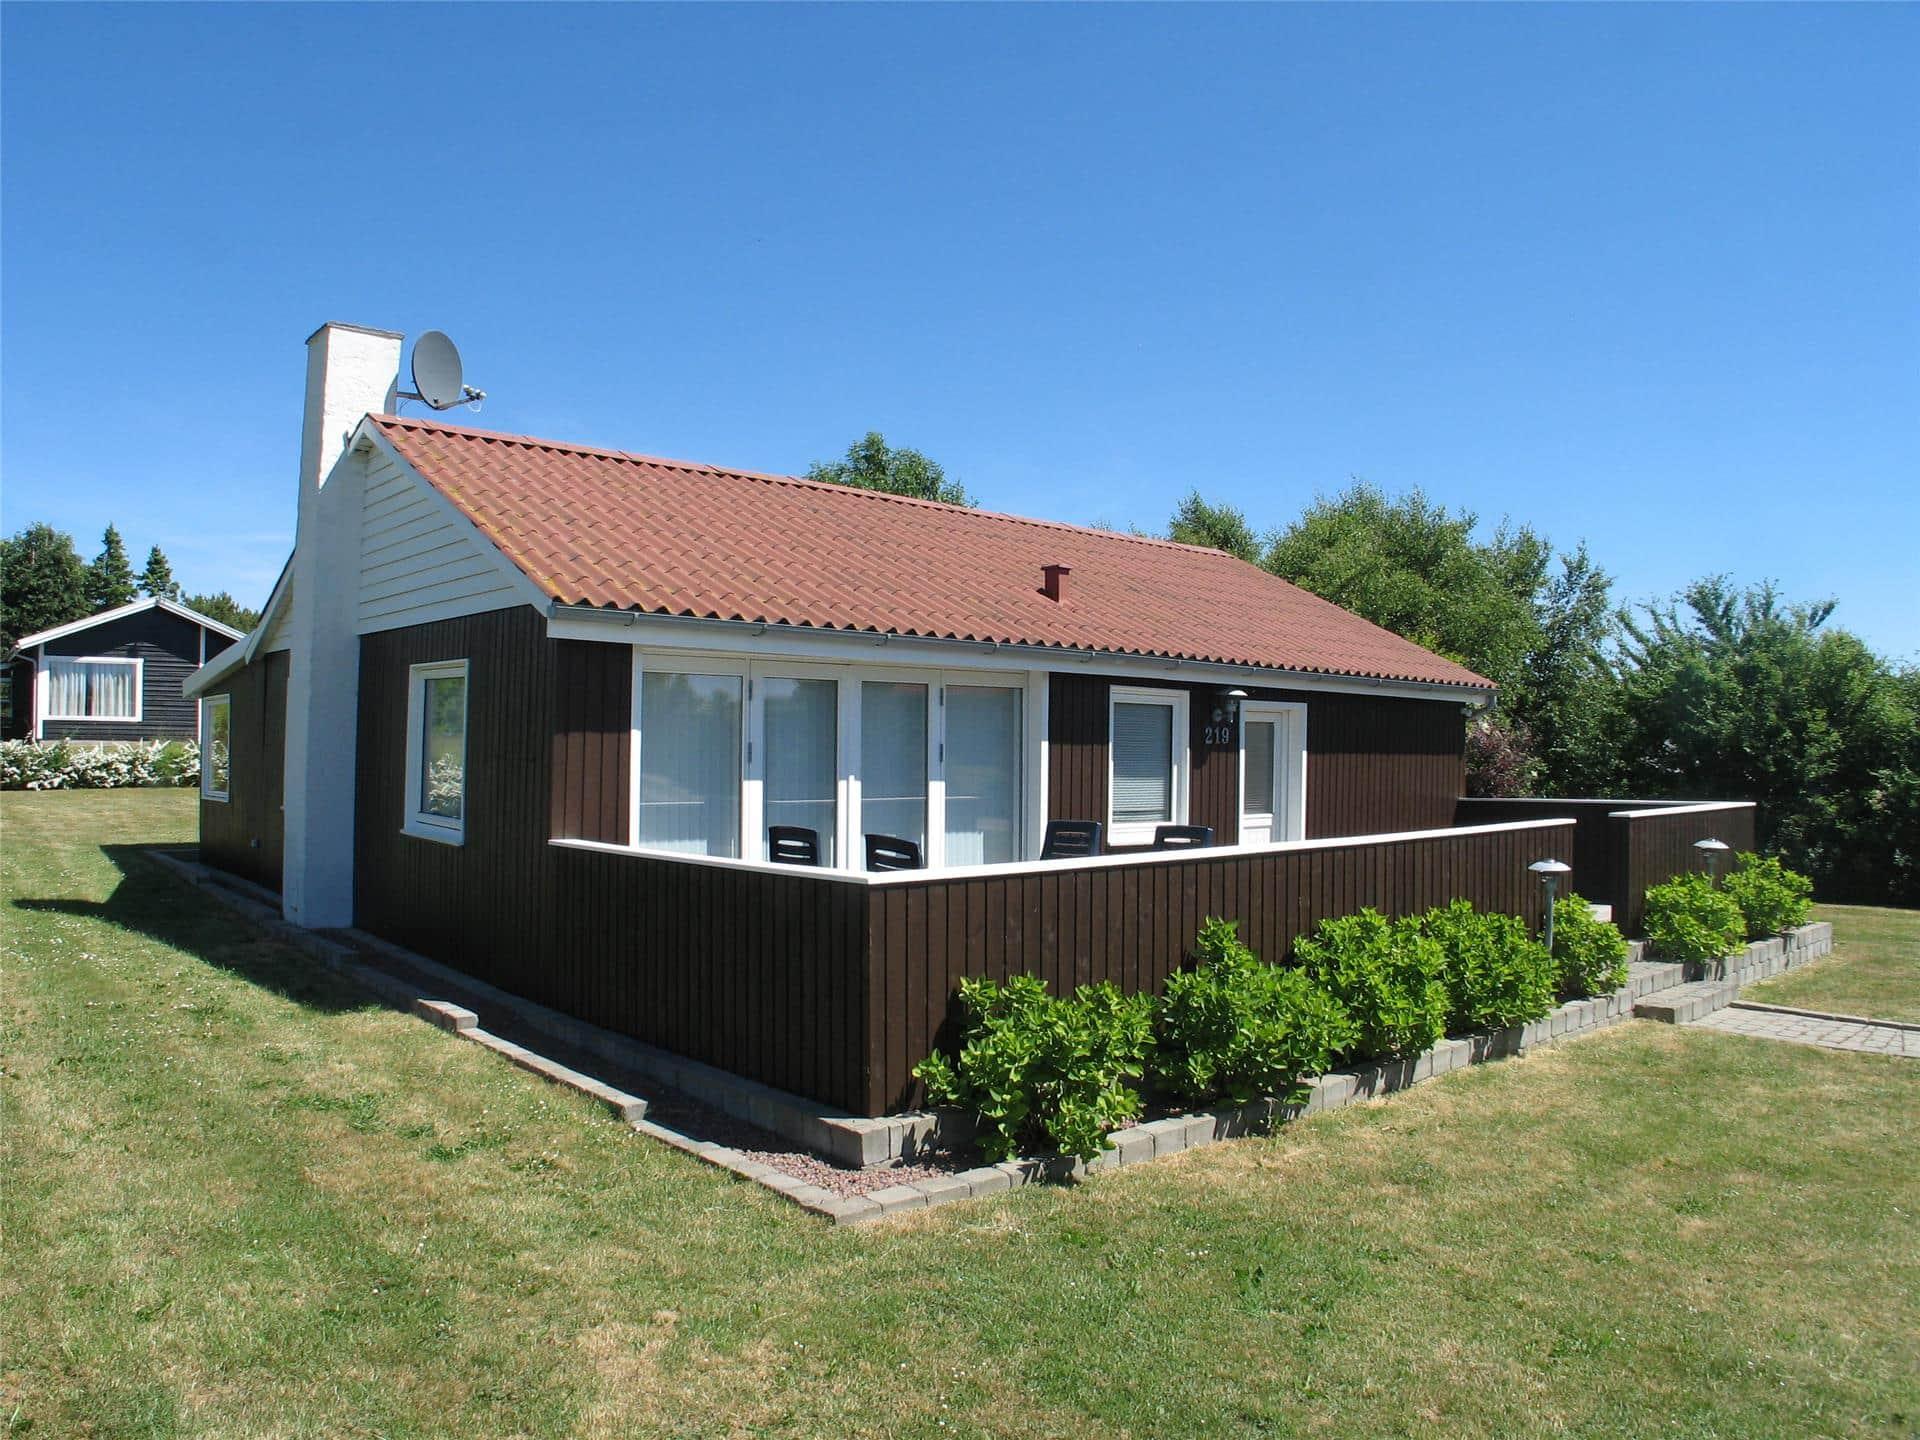 Billede 1-6 Sommerhus N223, Klintegårdsvej 219, DK - 4736 Karrebæksminde